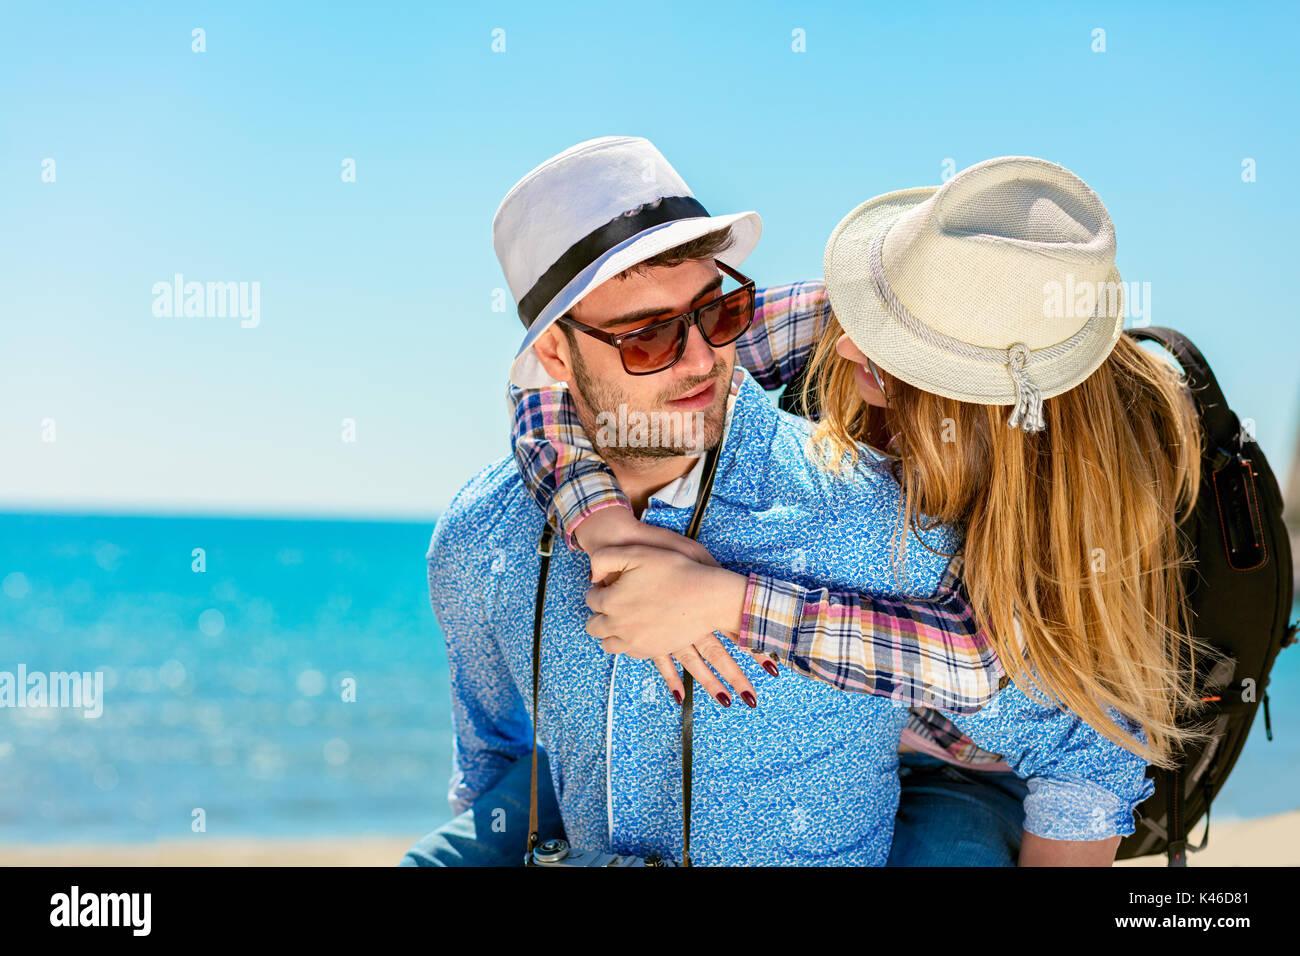 Heureux homme portant sa petite amie sur un piggyback ride à la fois souriant et très heureux à profiter de leurs vacances Photo Stock